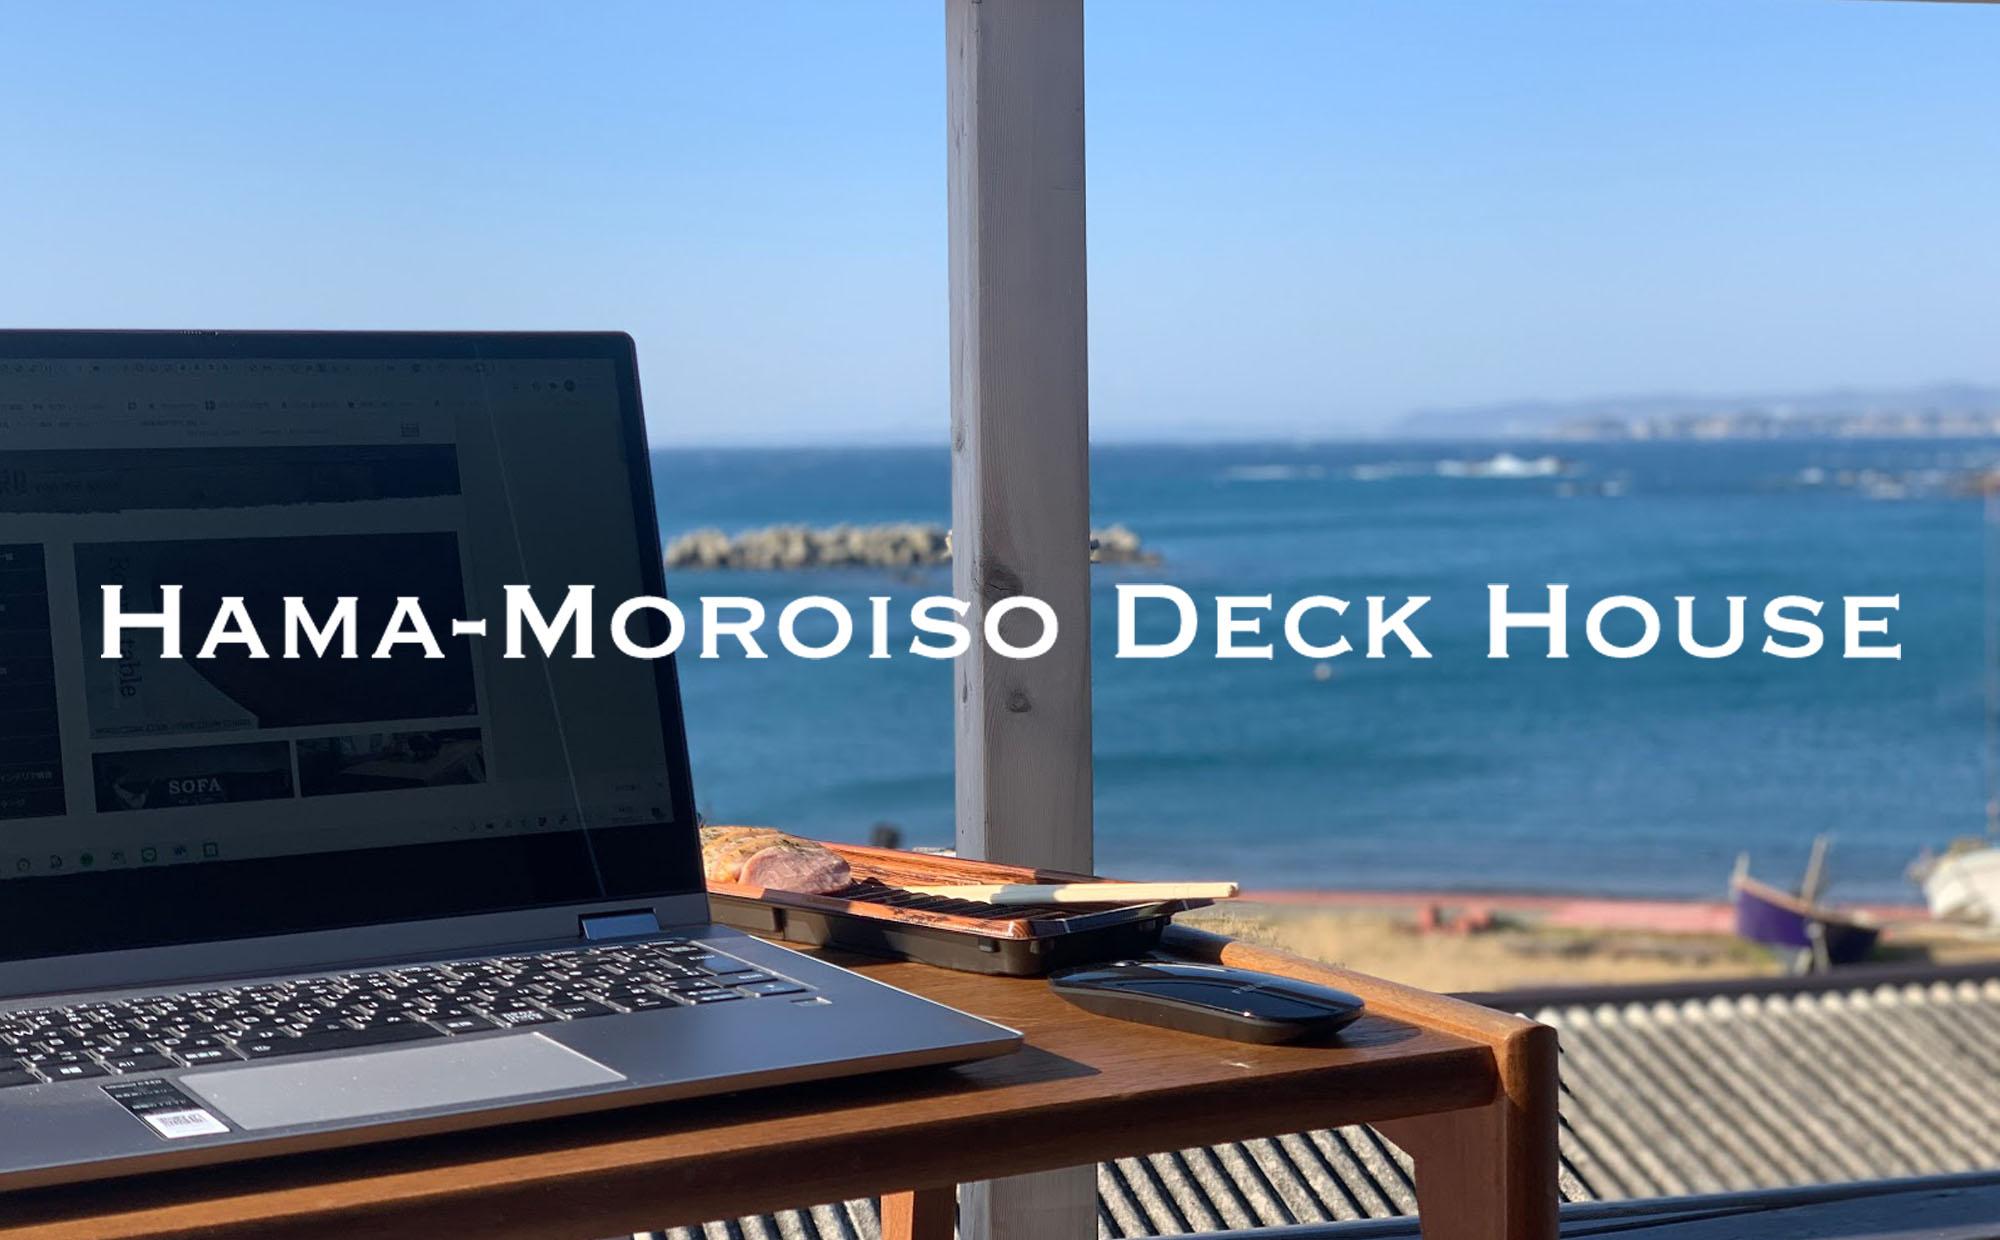 HAMA-MOROISO DECK HOUSE 浜諸磯デッキハウス